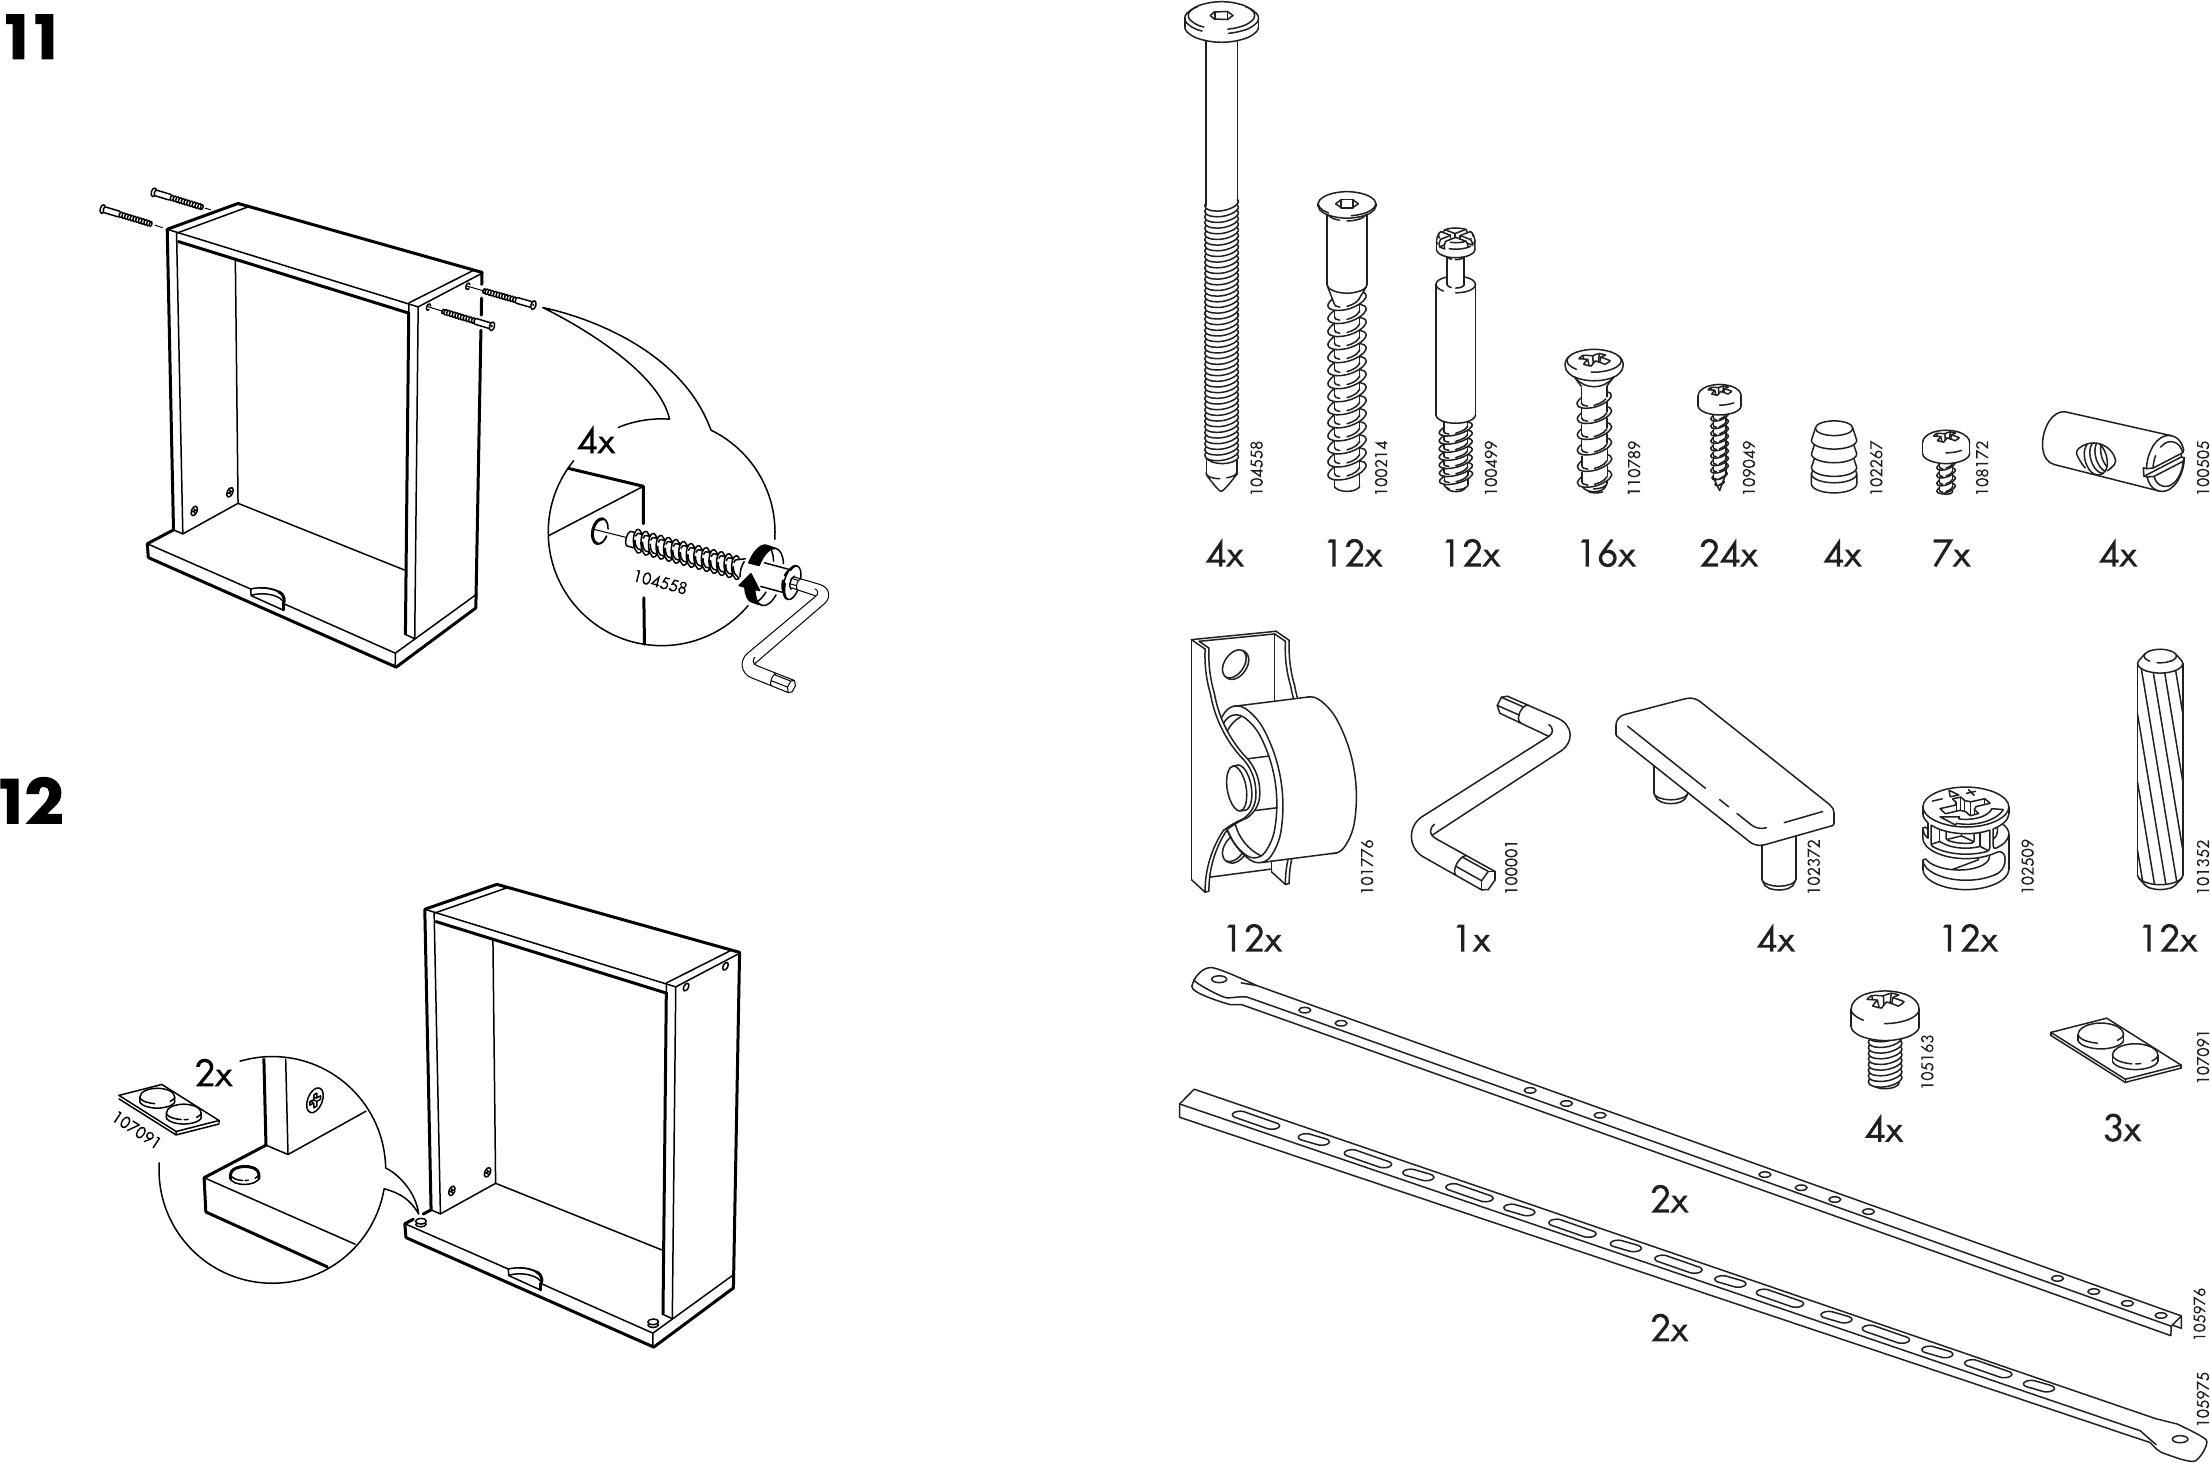 bedienungsanleitung ikea brekke bed seite 3 von 6 d nisch spanisch franz sisch italienisch. Black Bedroom Furniture Sets. Home Design Ideas